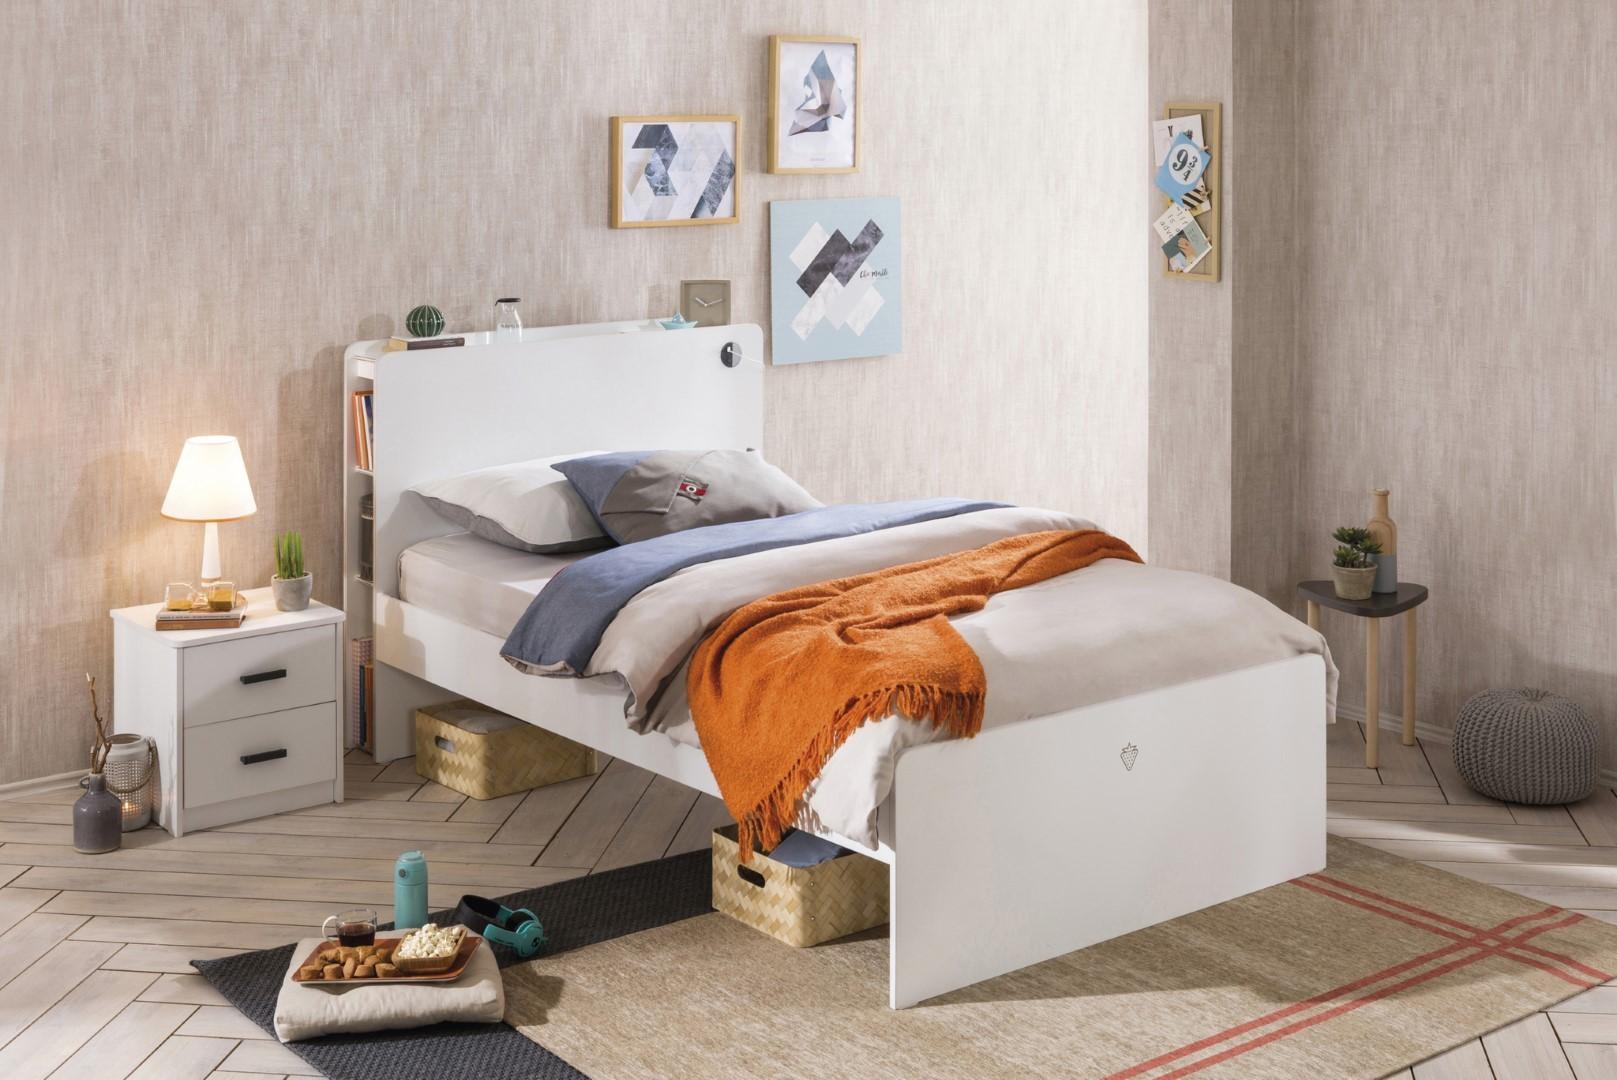 Witte Slaapkamer Meubels : California twijfelaar tienerbed tienerkamer wit 200 x 120 cm